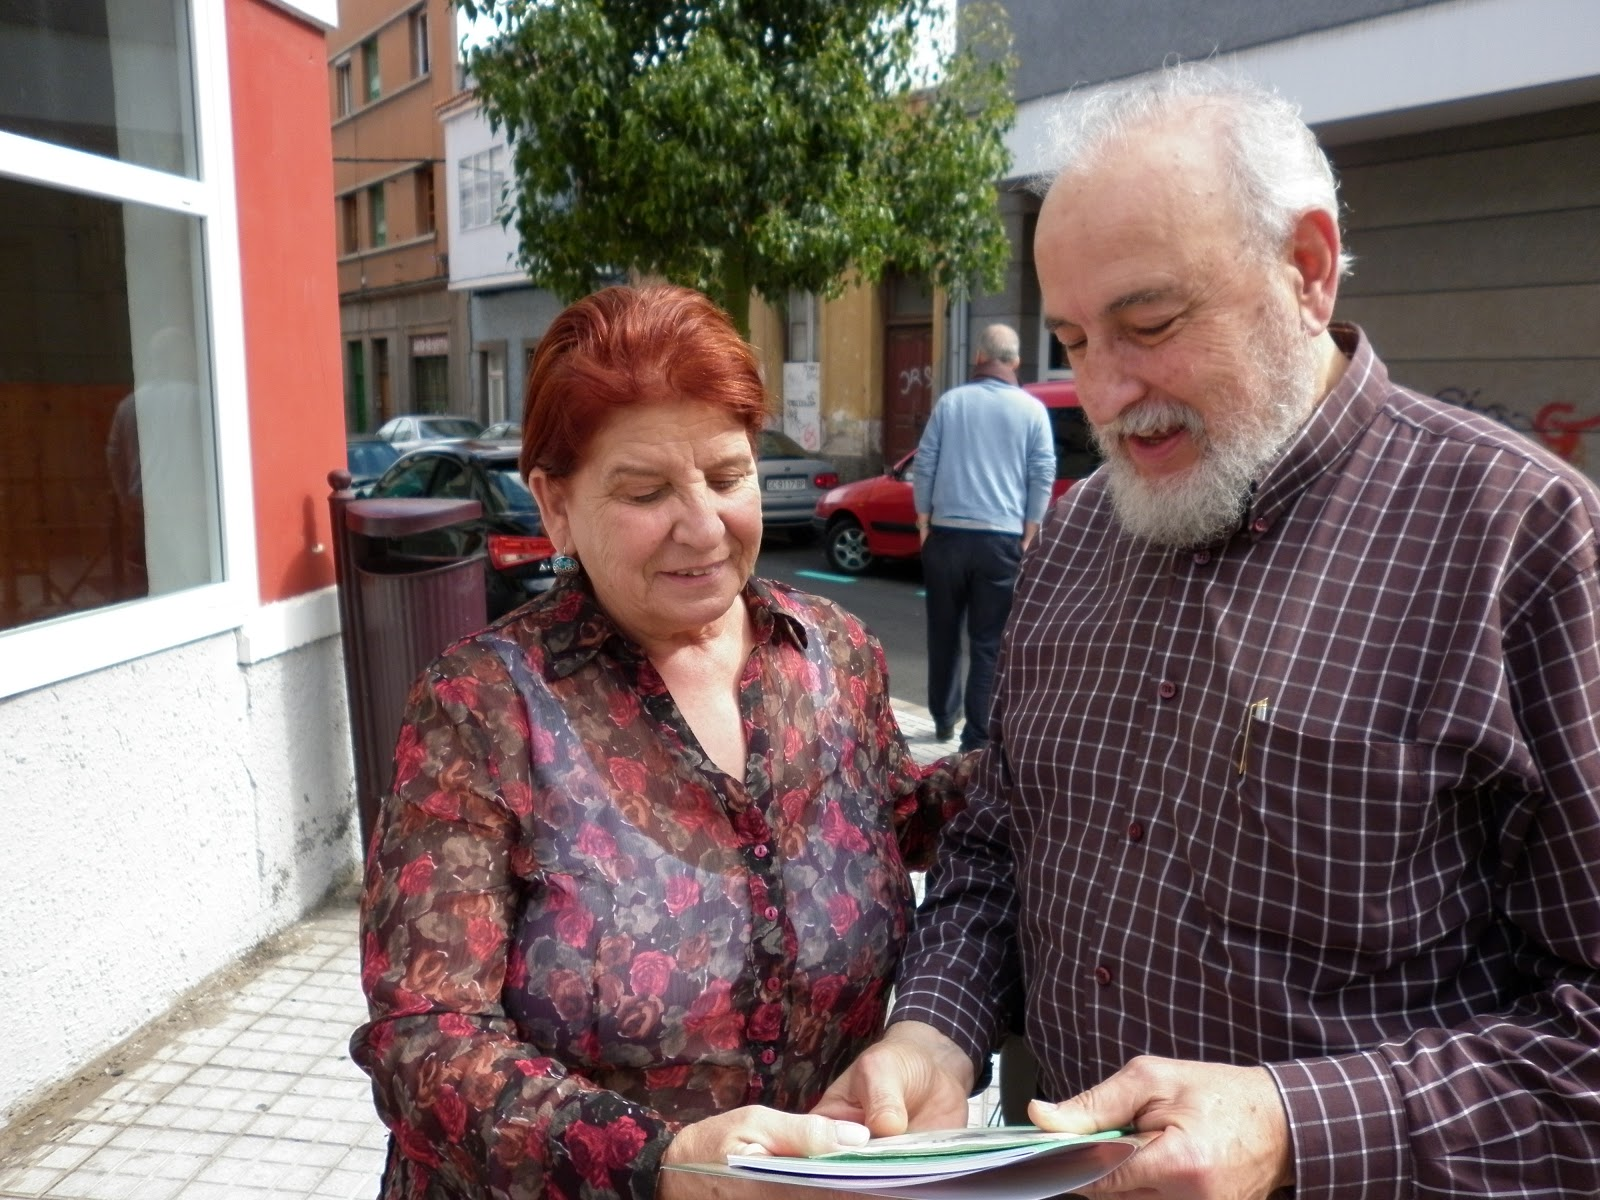 Fernando Carrascosa. Compromiso cristiano en política. En 'Solidaridad'